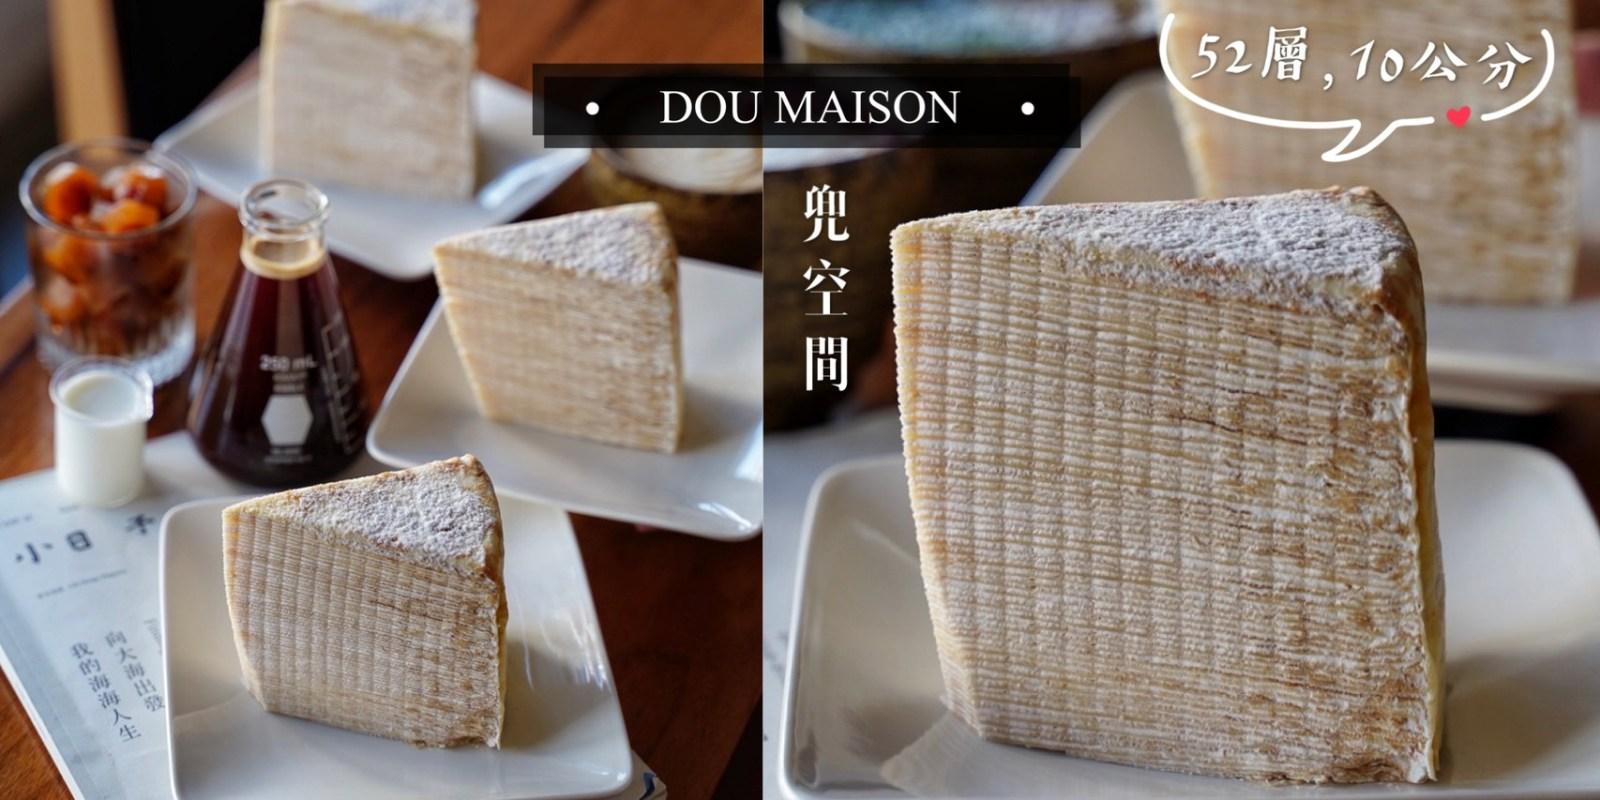 全台最狂最高的千層蛋糕就在『DOU MAISON 兜空間』老宅咖啡廳,總共有52層厚、10公分高!林百貨旁~